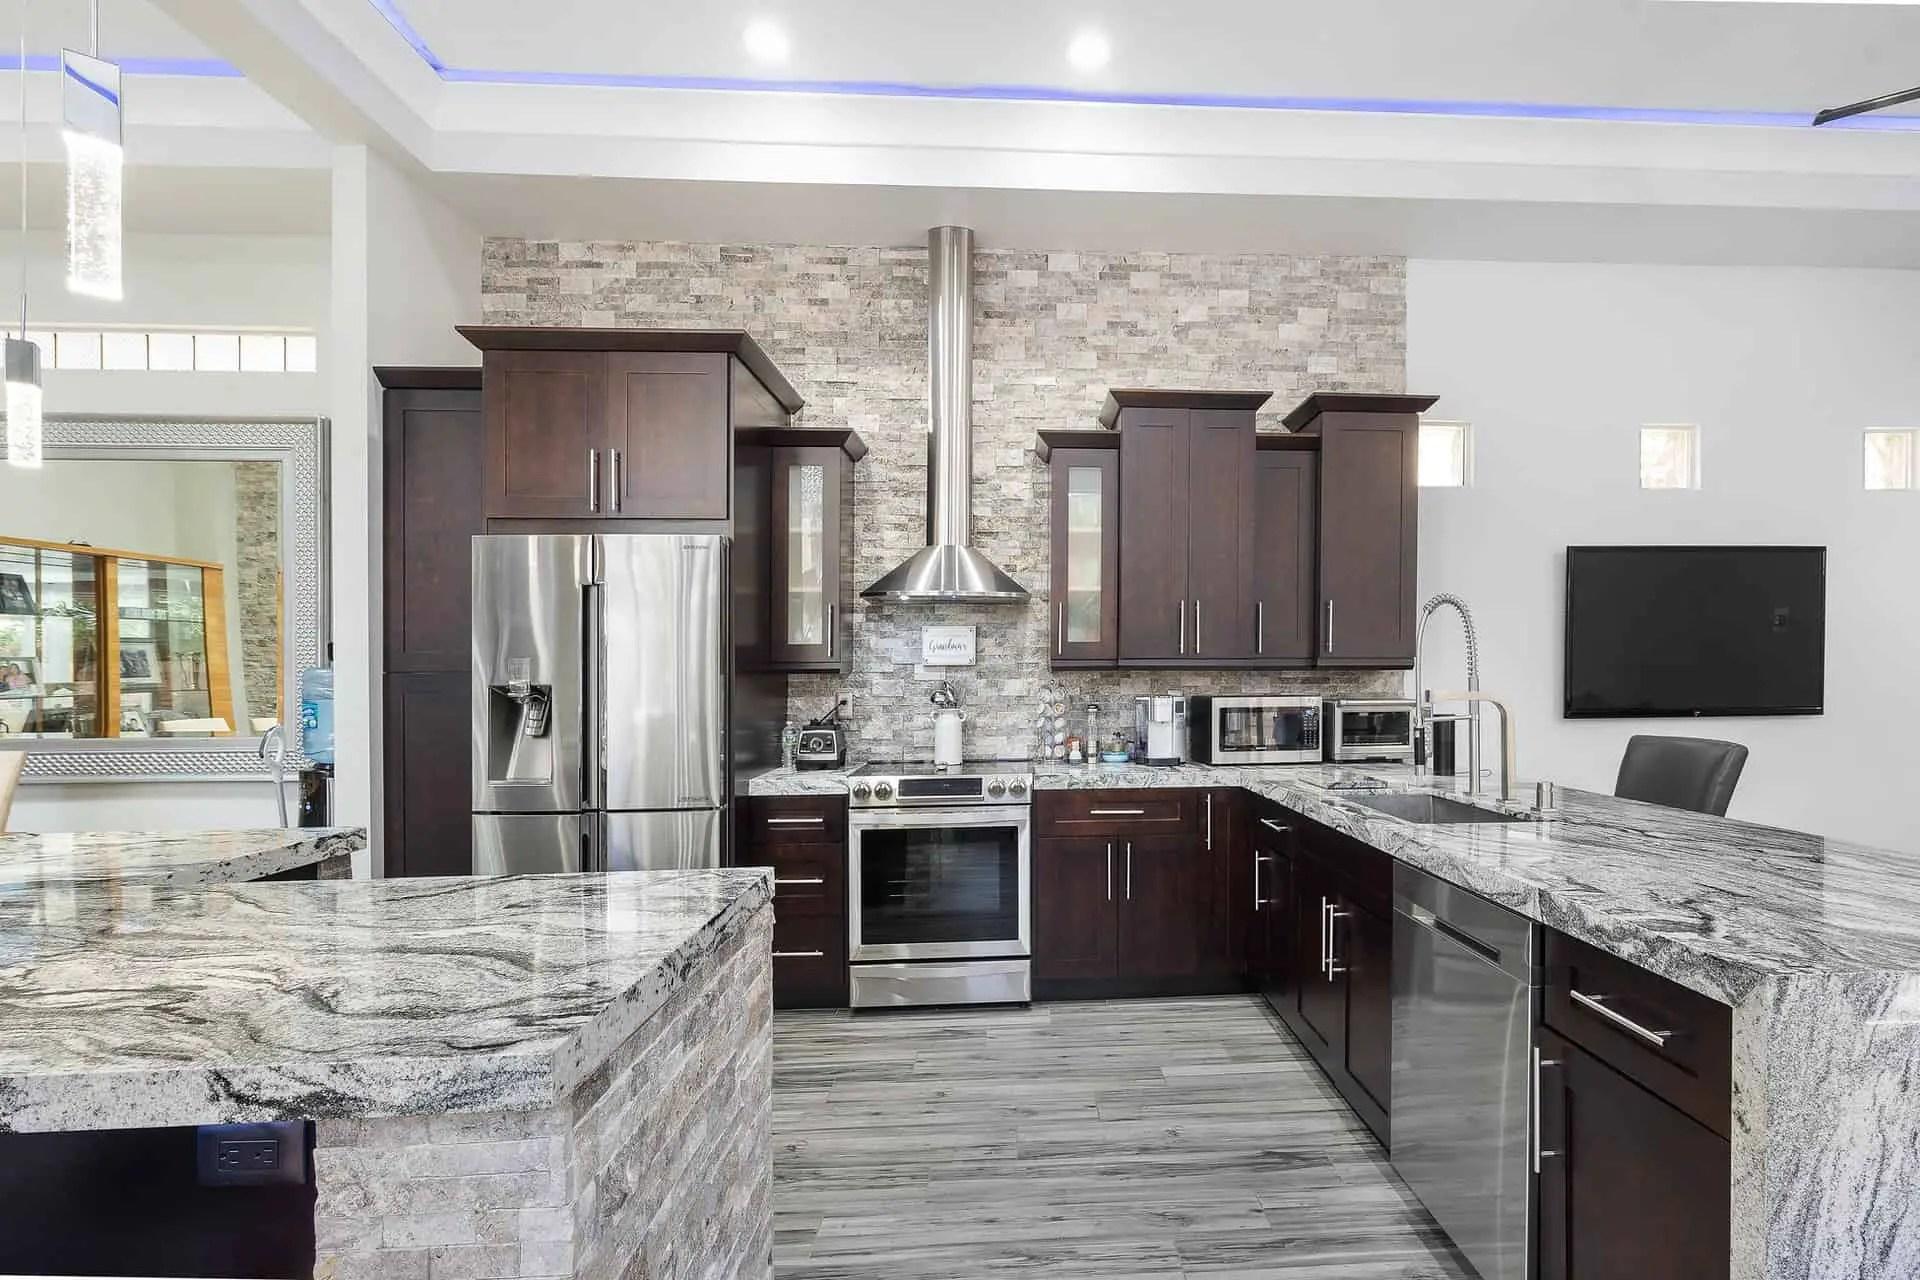 83 Modern Kitchen Ideas - Contemporary Kitchen Design on Modern Kitchen Remodel  id=67170